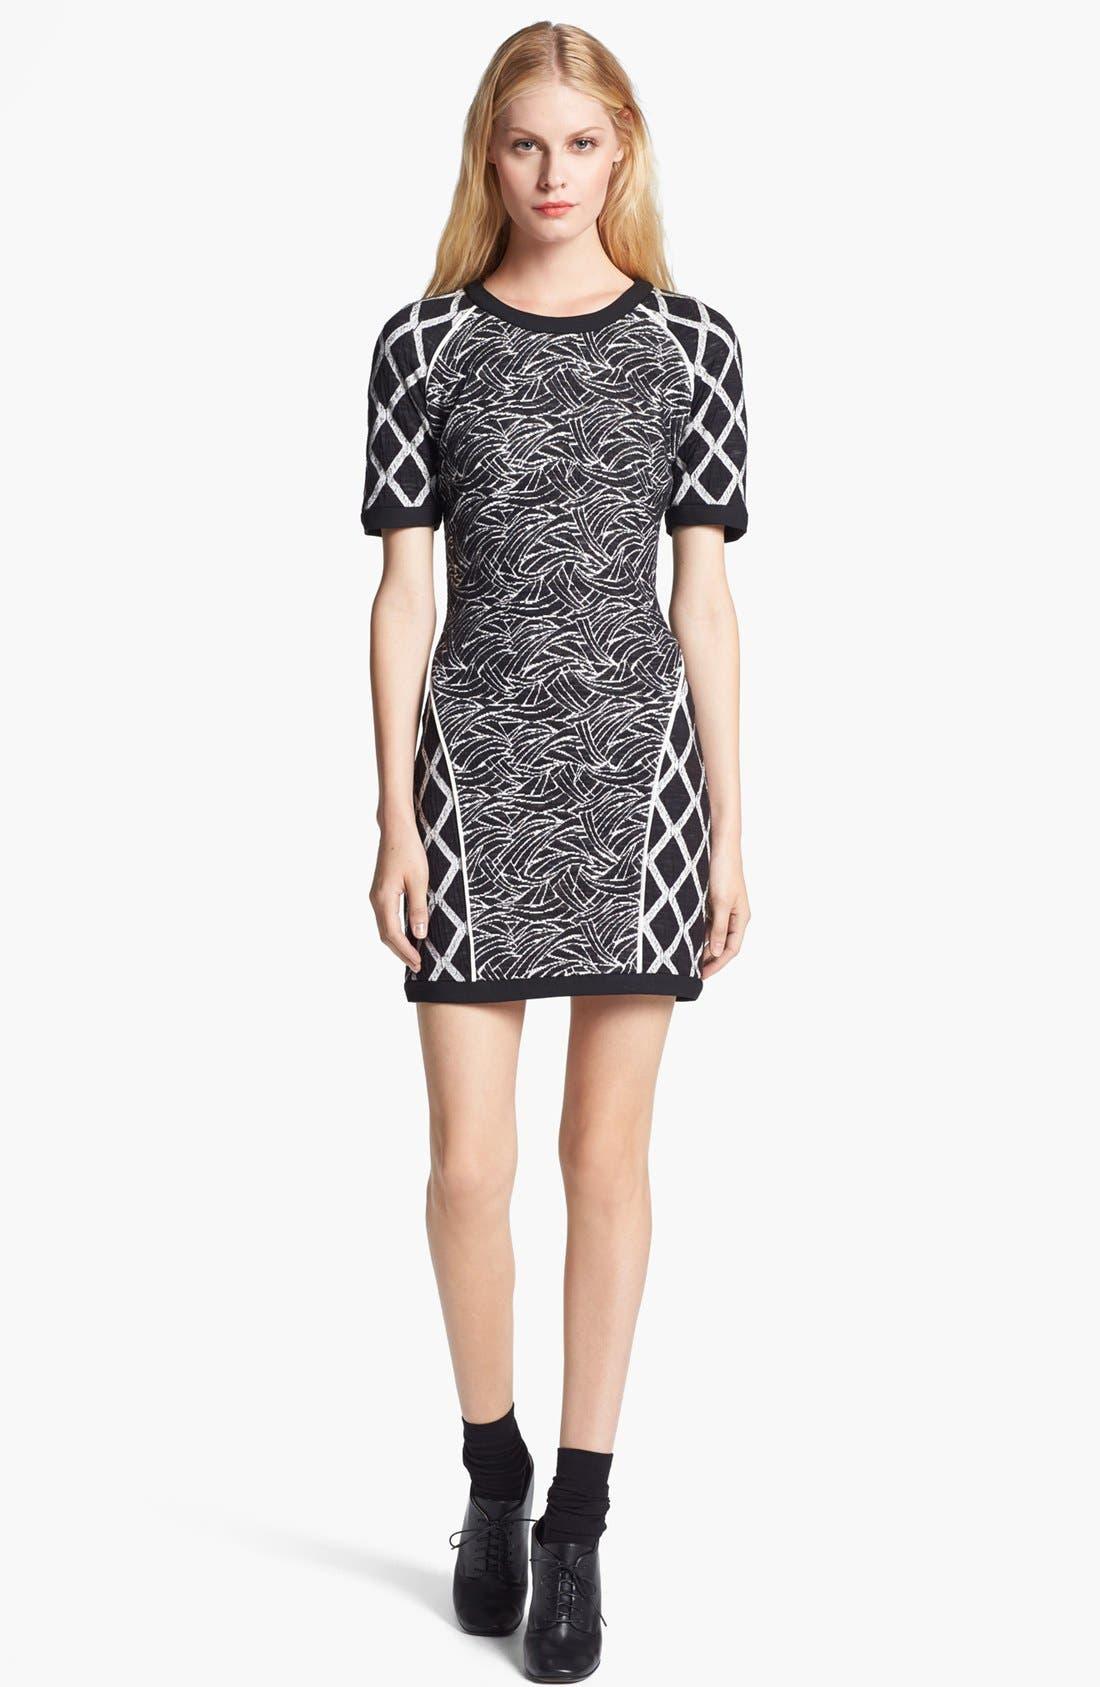 Alternate Image 1 Selected - Elizabeth and James 'Argon' Wave Knit Dress